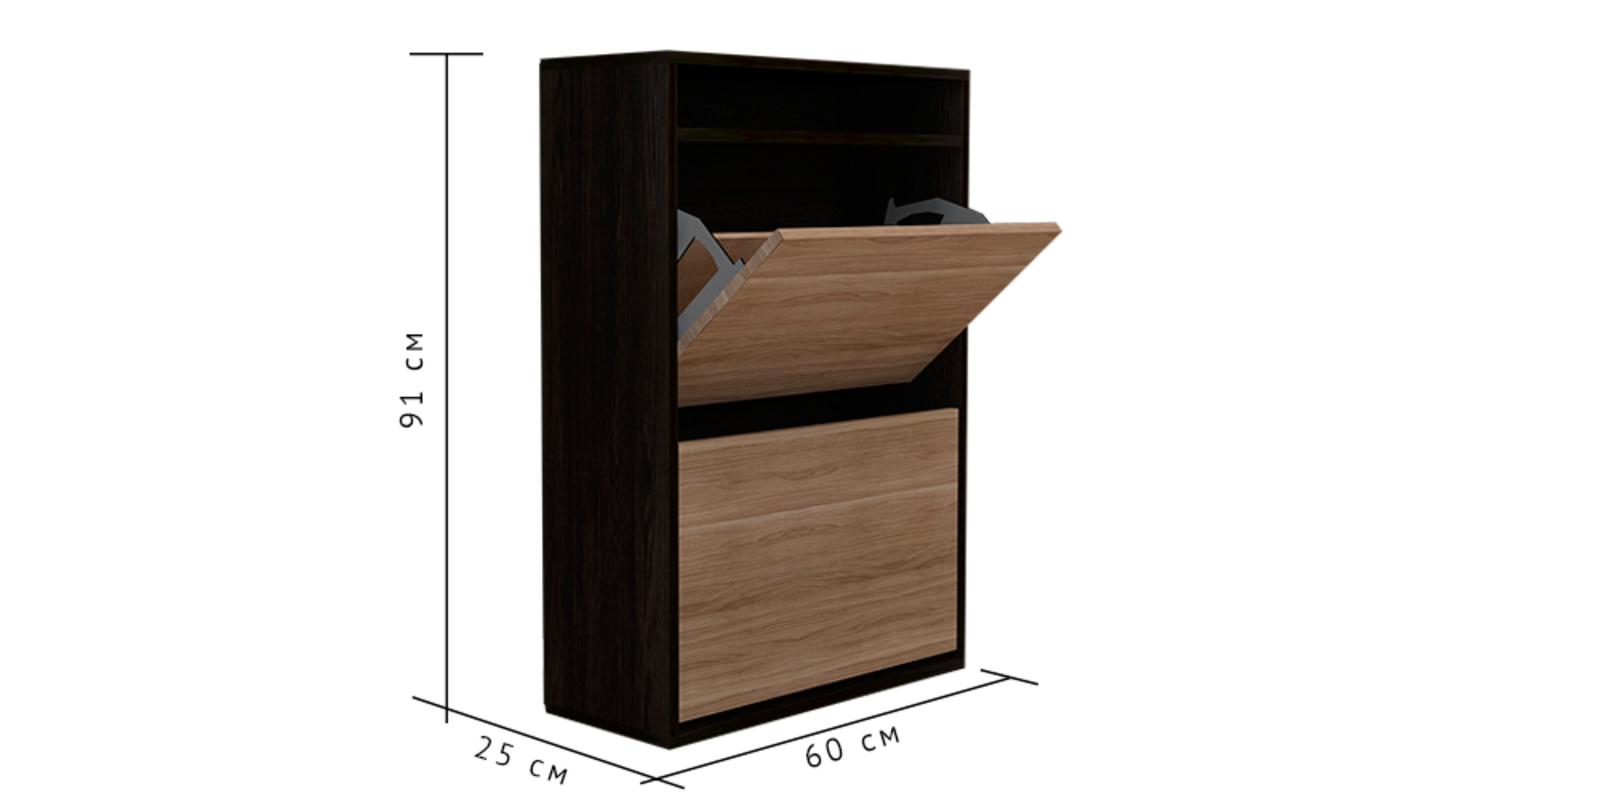 Тумба для обуви Ирис вариант №1 (кантер/сонома)